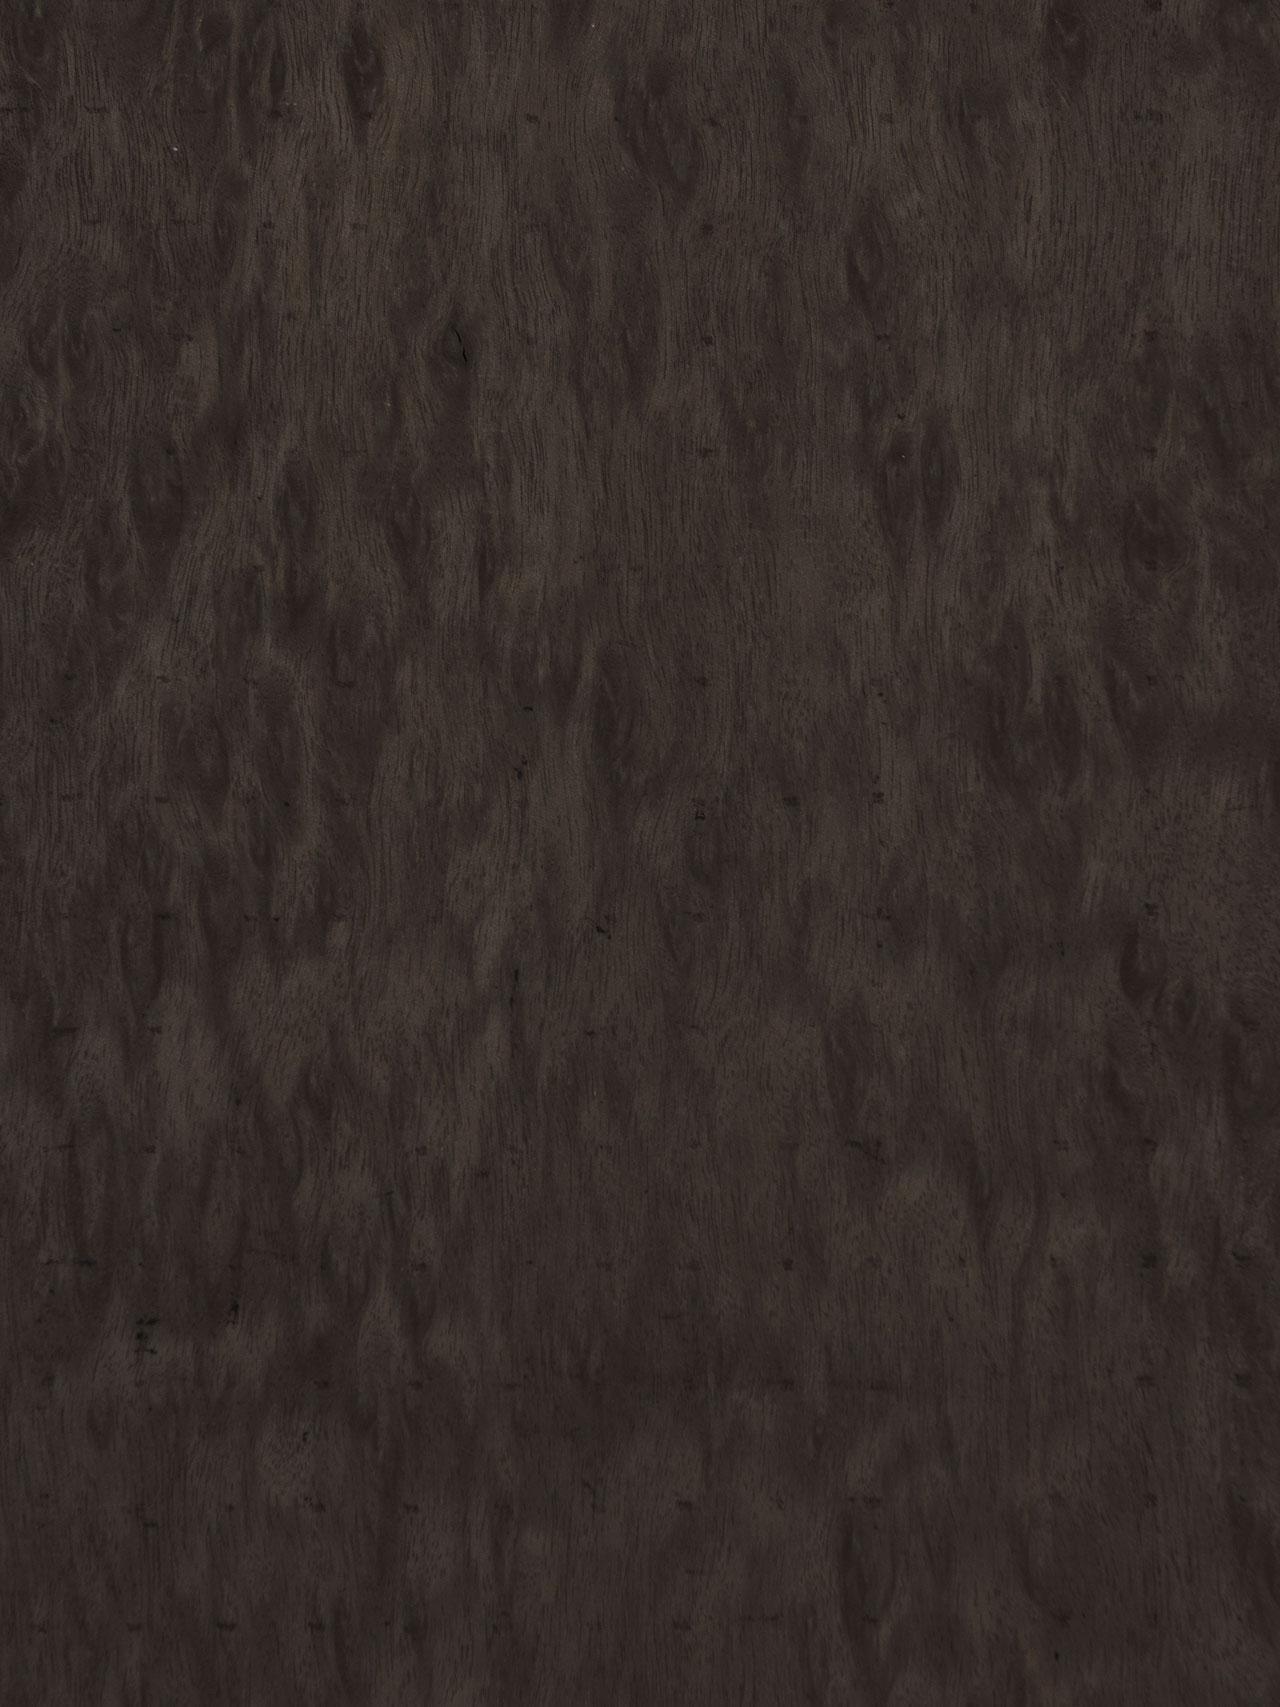 Chapa Eucalipto Pomele Envejecido Losán